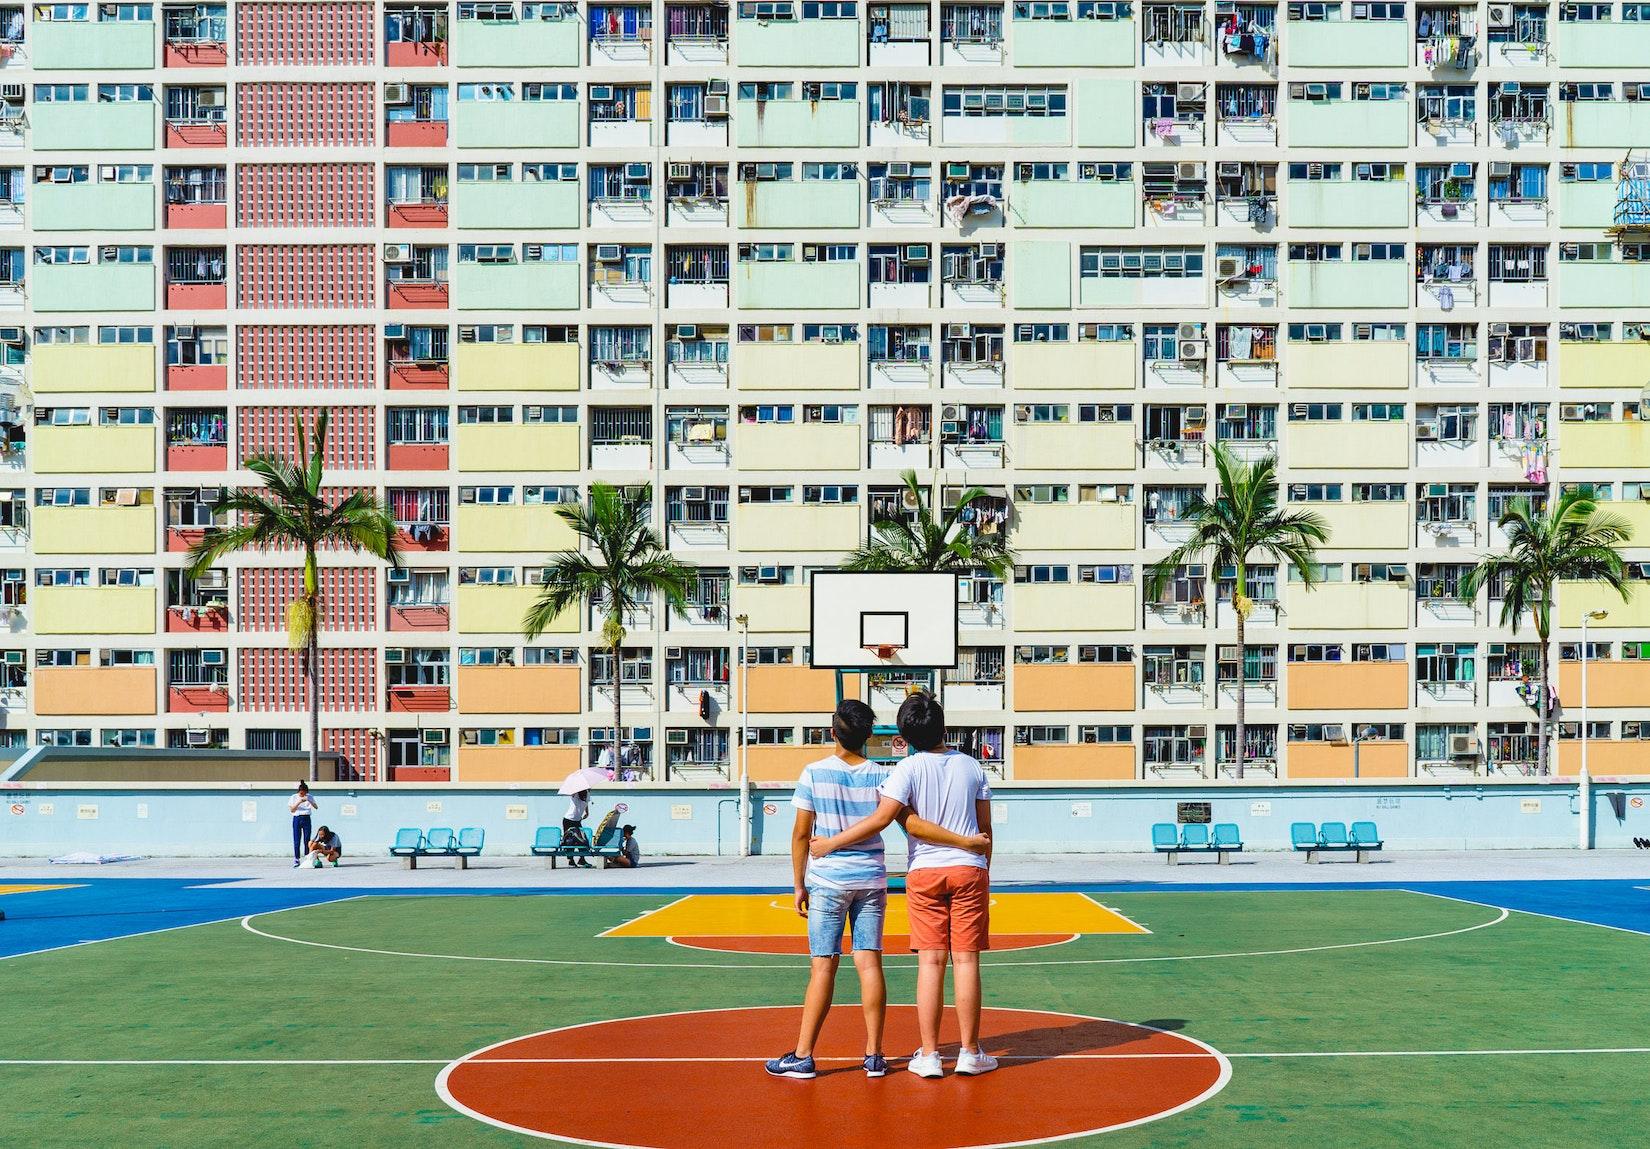 Choi Hung Estates Hong Kong